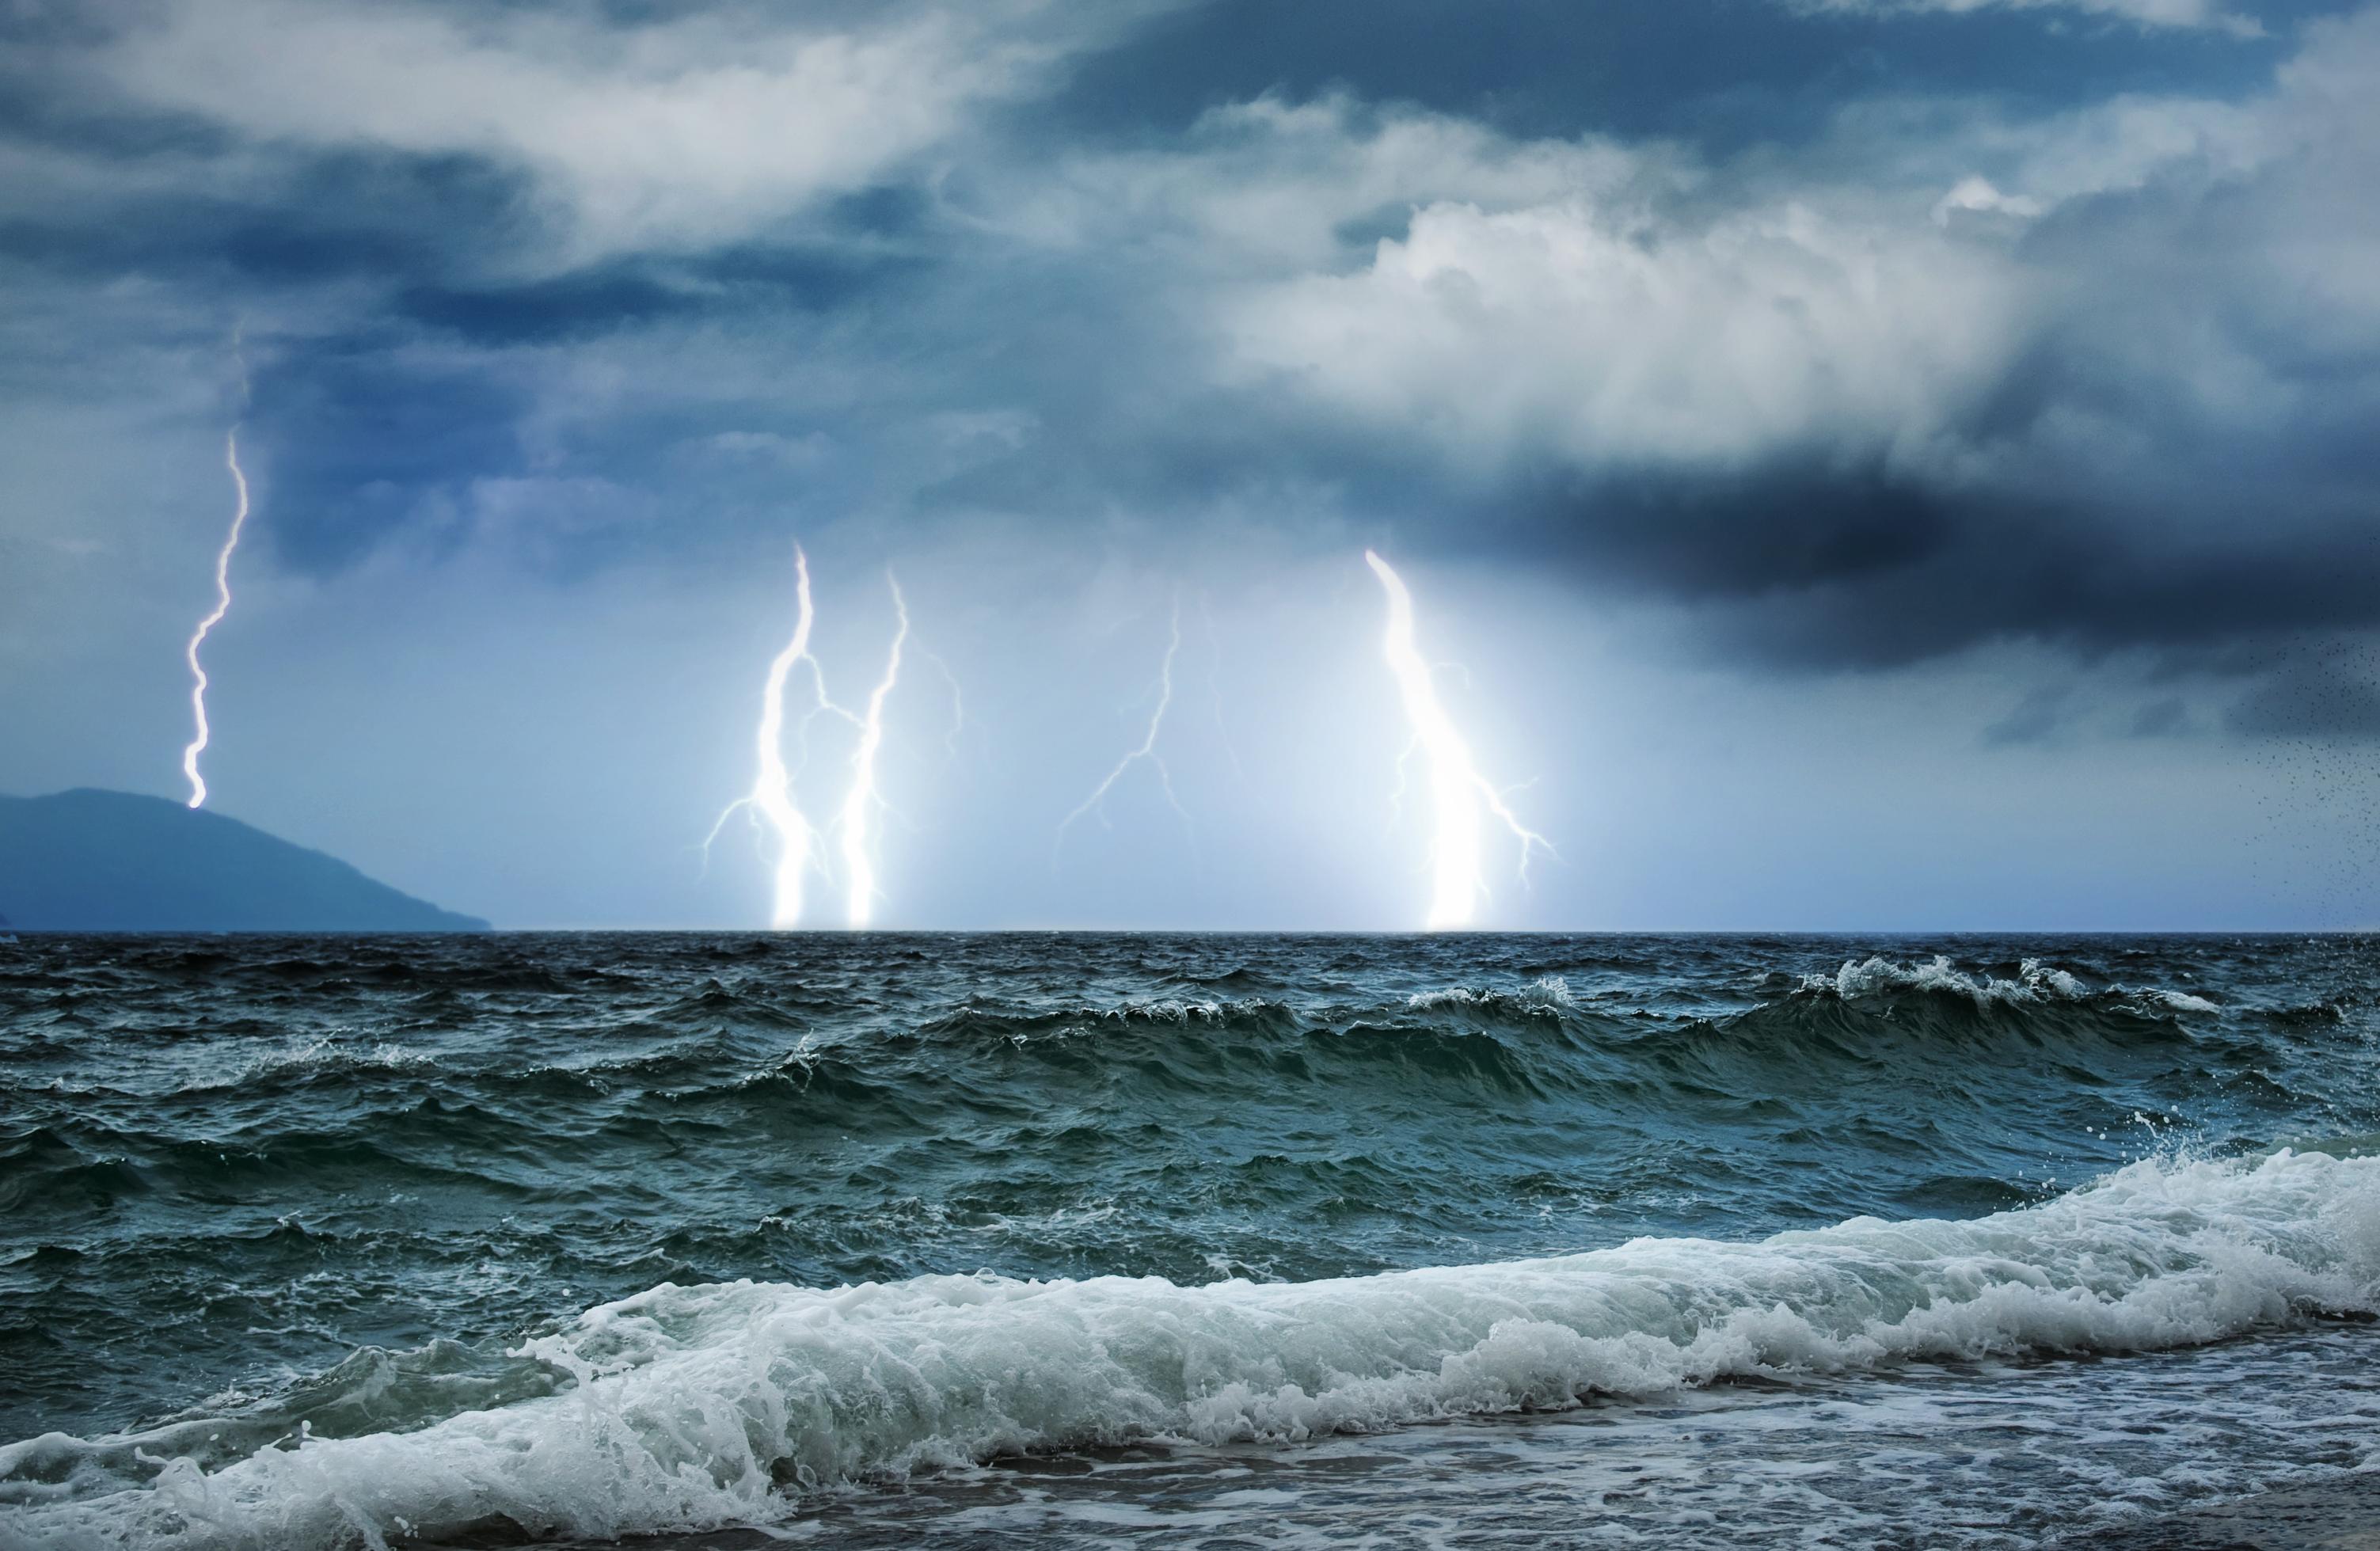 вашей море с плохой погодой картинка касается как